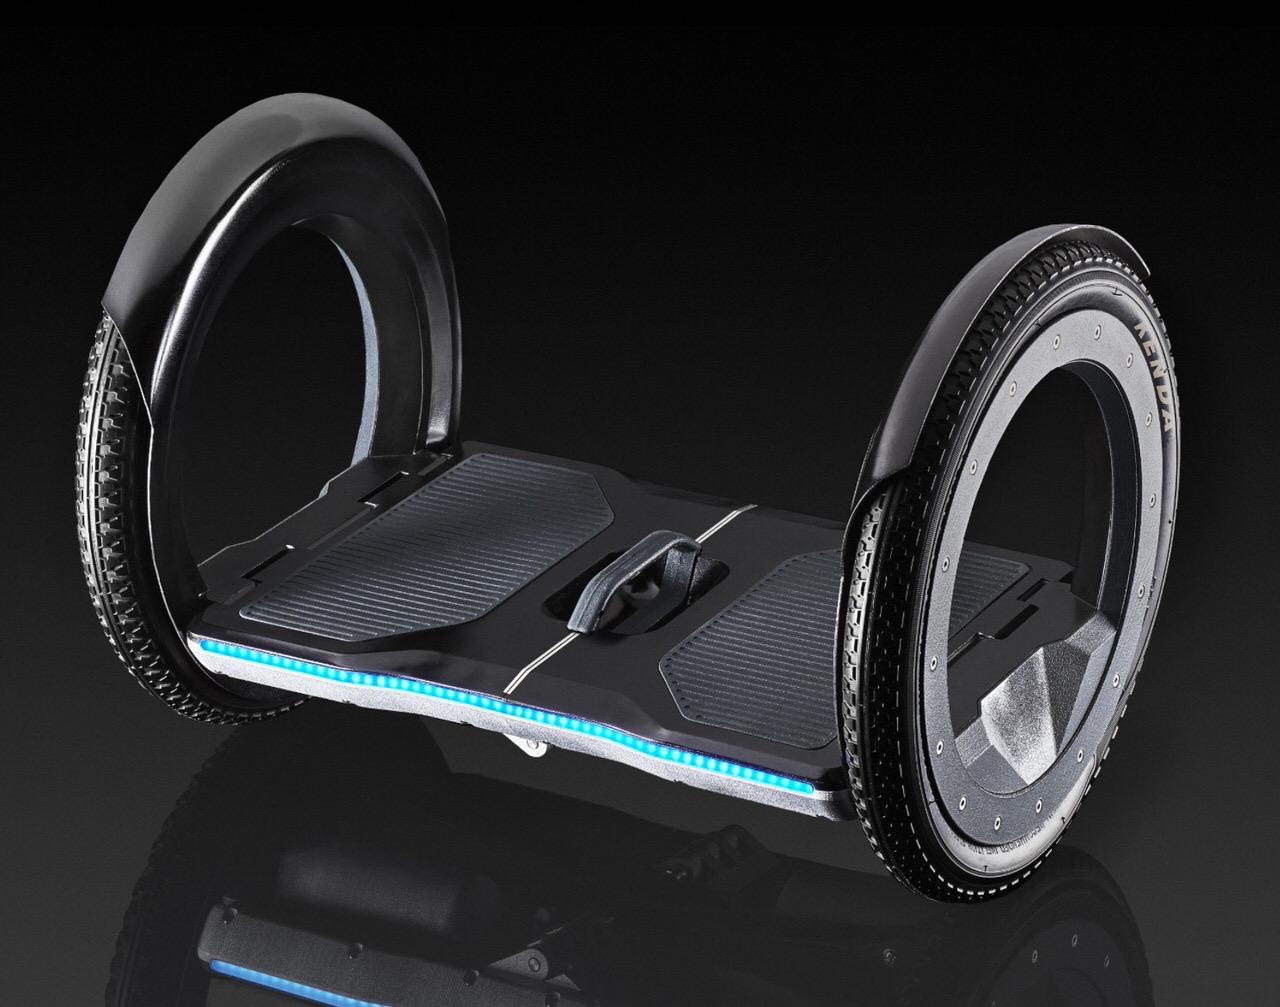 折りたたむとブリーフケースサイズになる電動スクーター「UrmO」